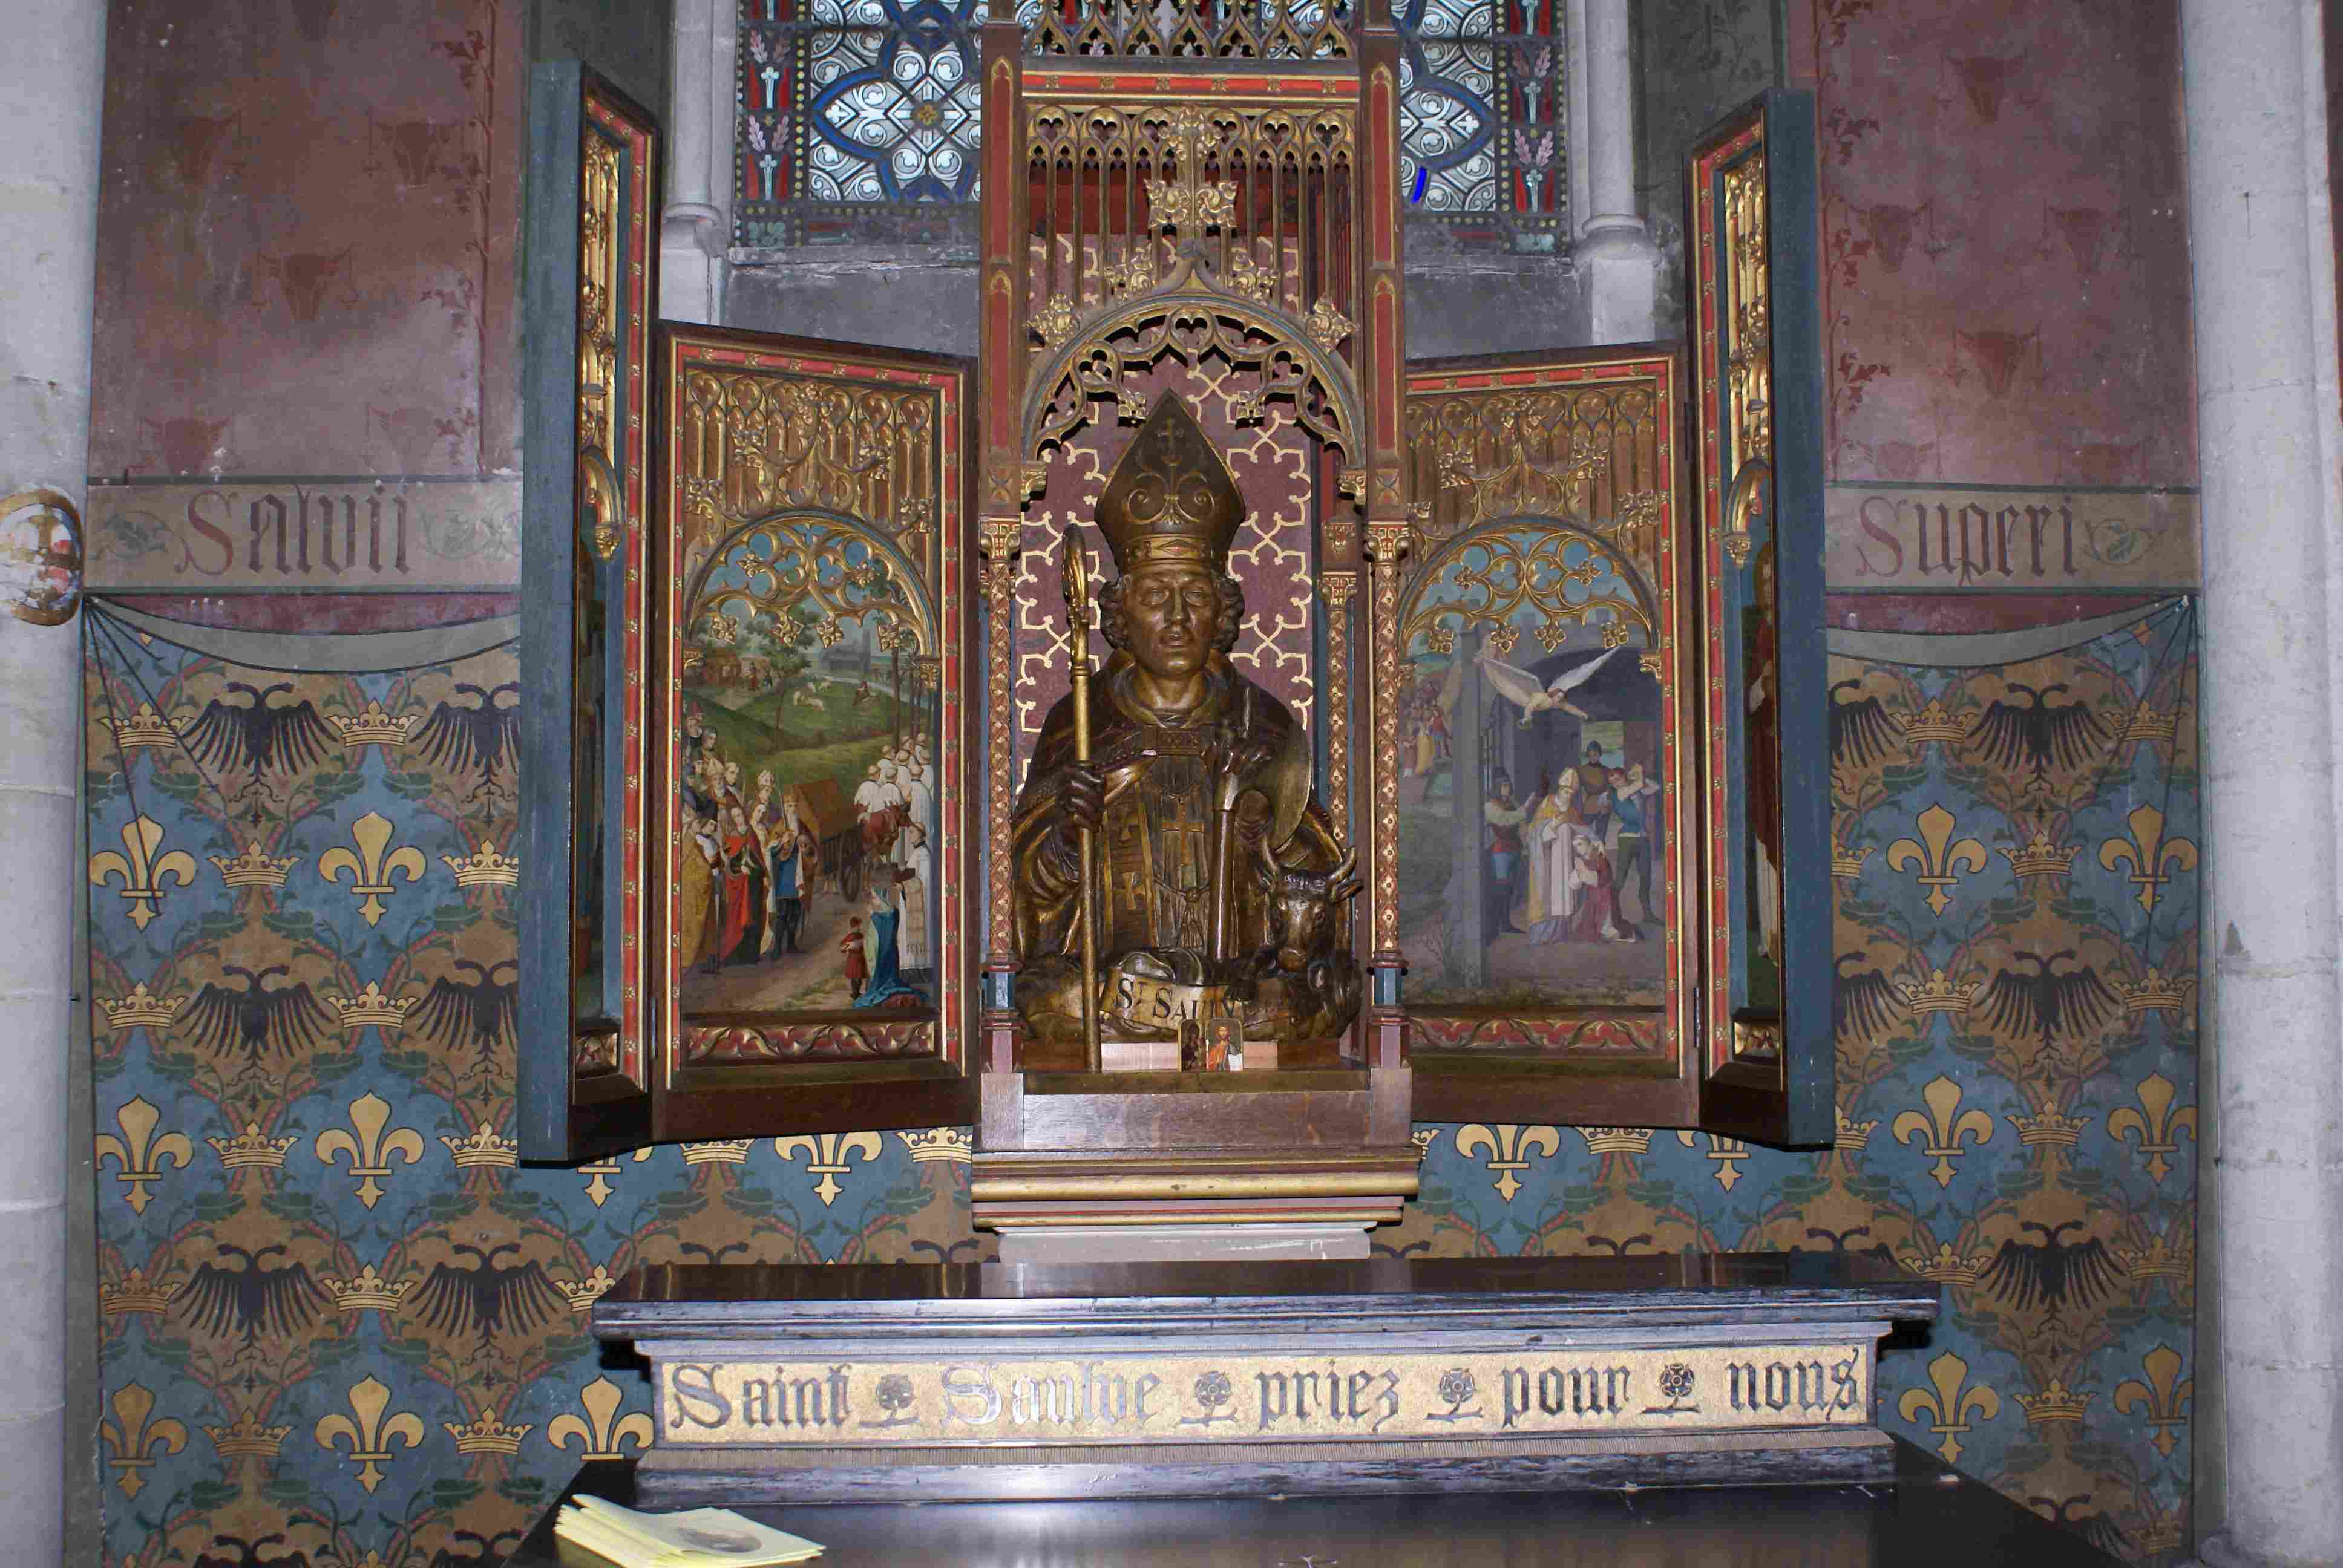 autour du buste de saint Saulve